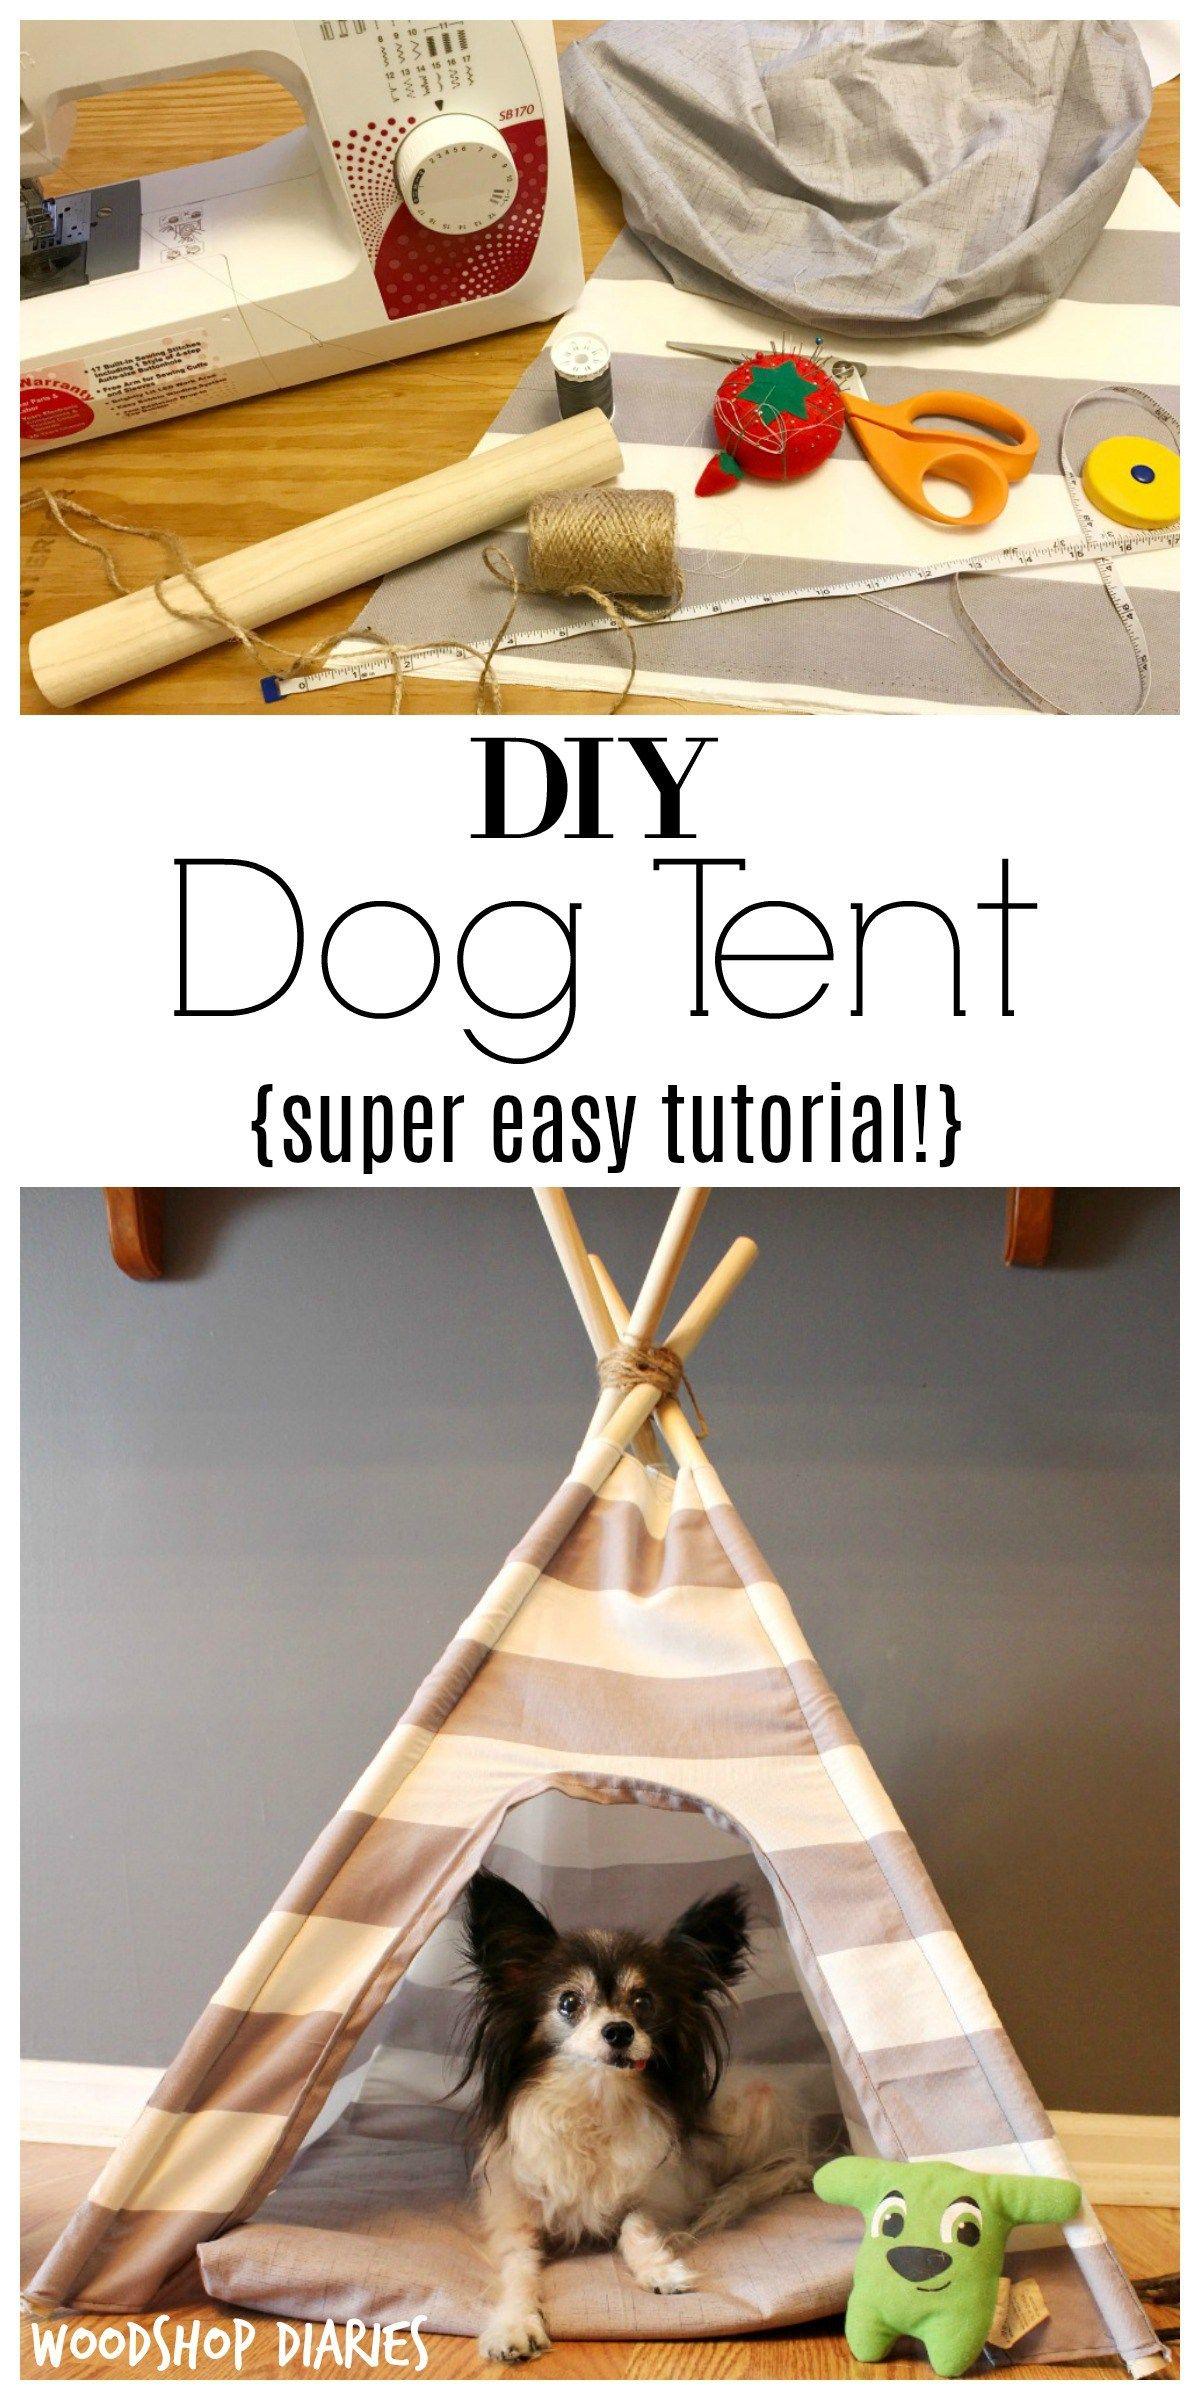 DIY Dog Tent -   18 diy Dog tent ideas